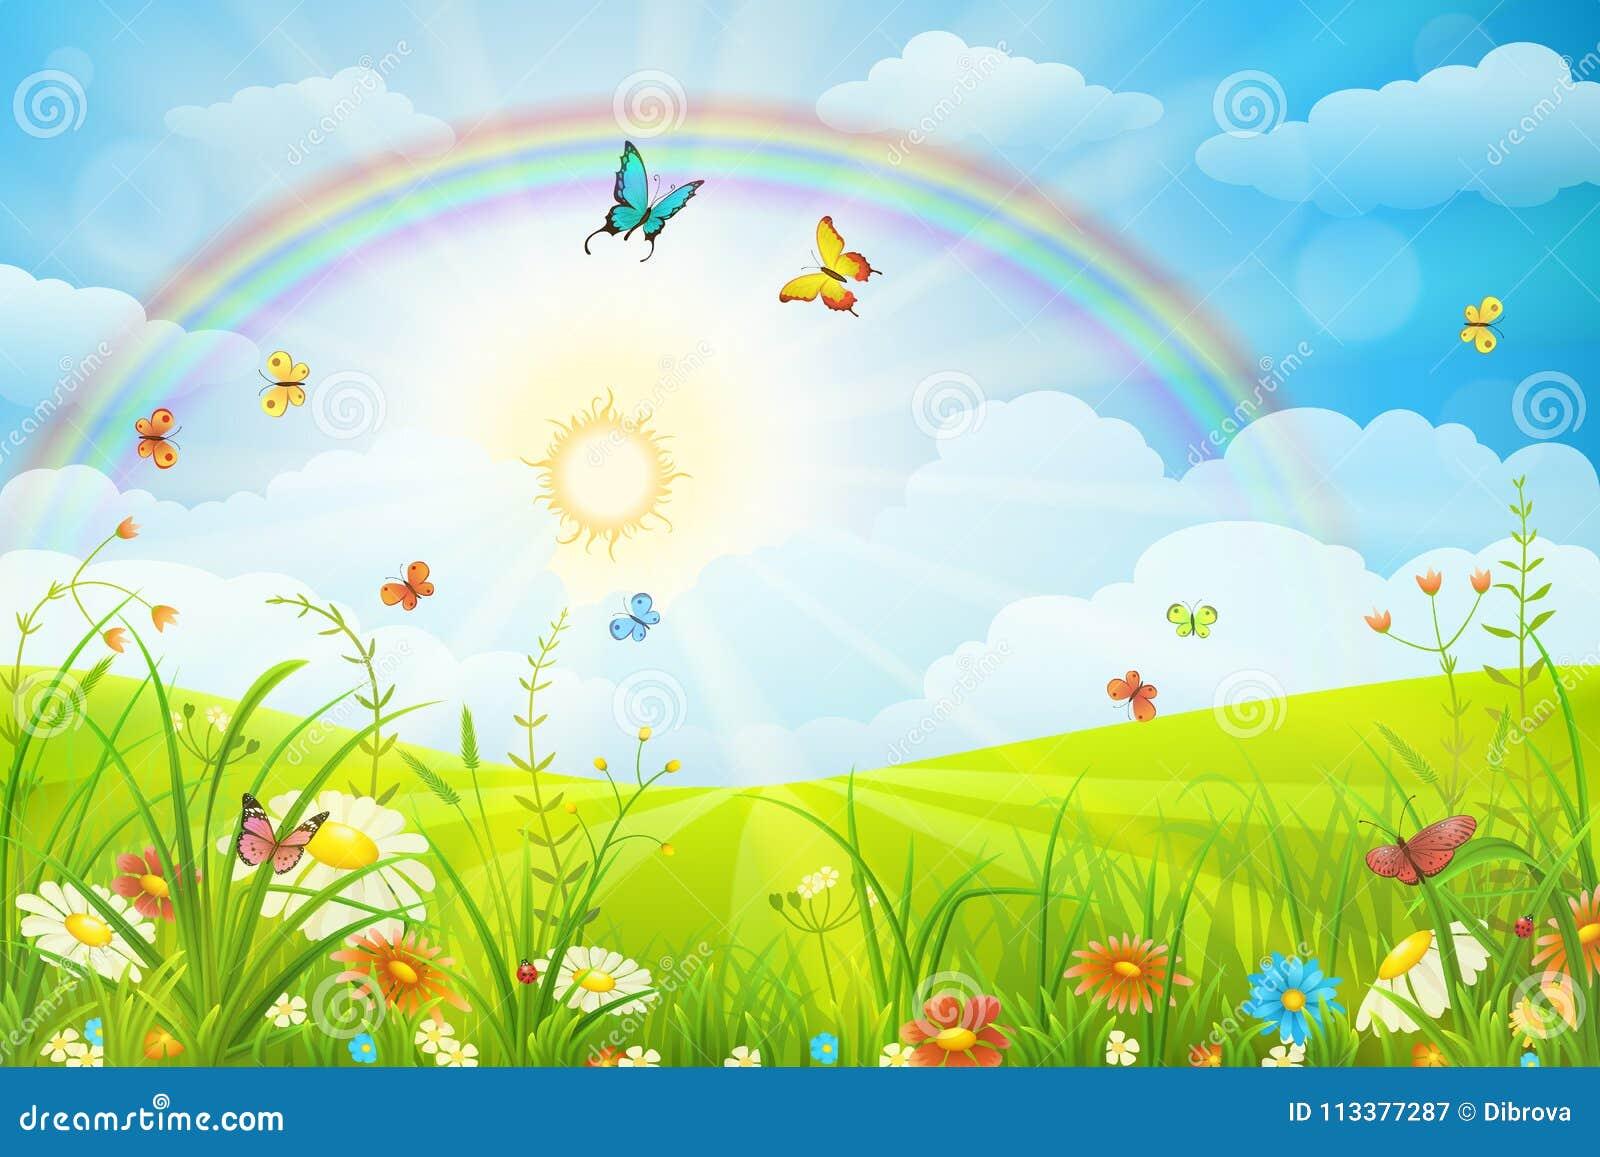 Lata lub wiosny krajobraz ilustracja wektor. Ilustracja złożonej z ...